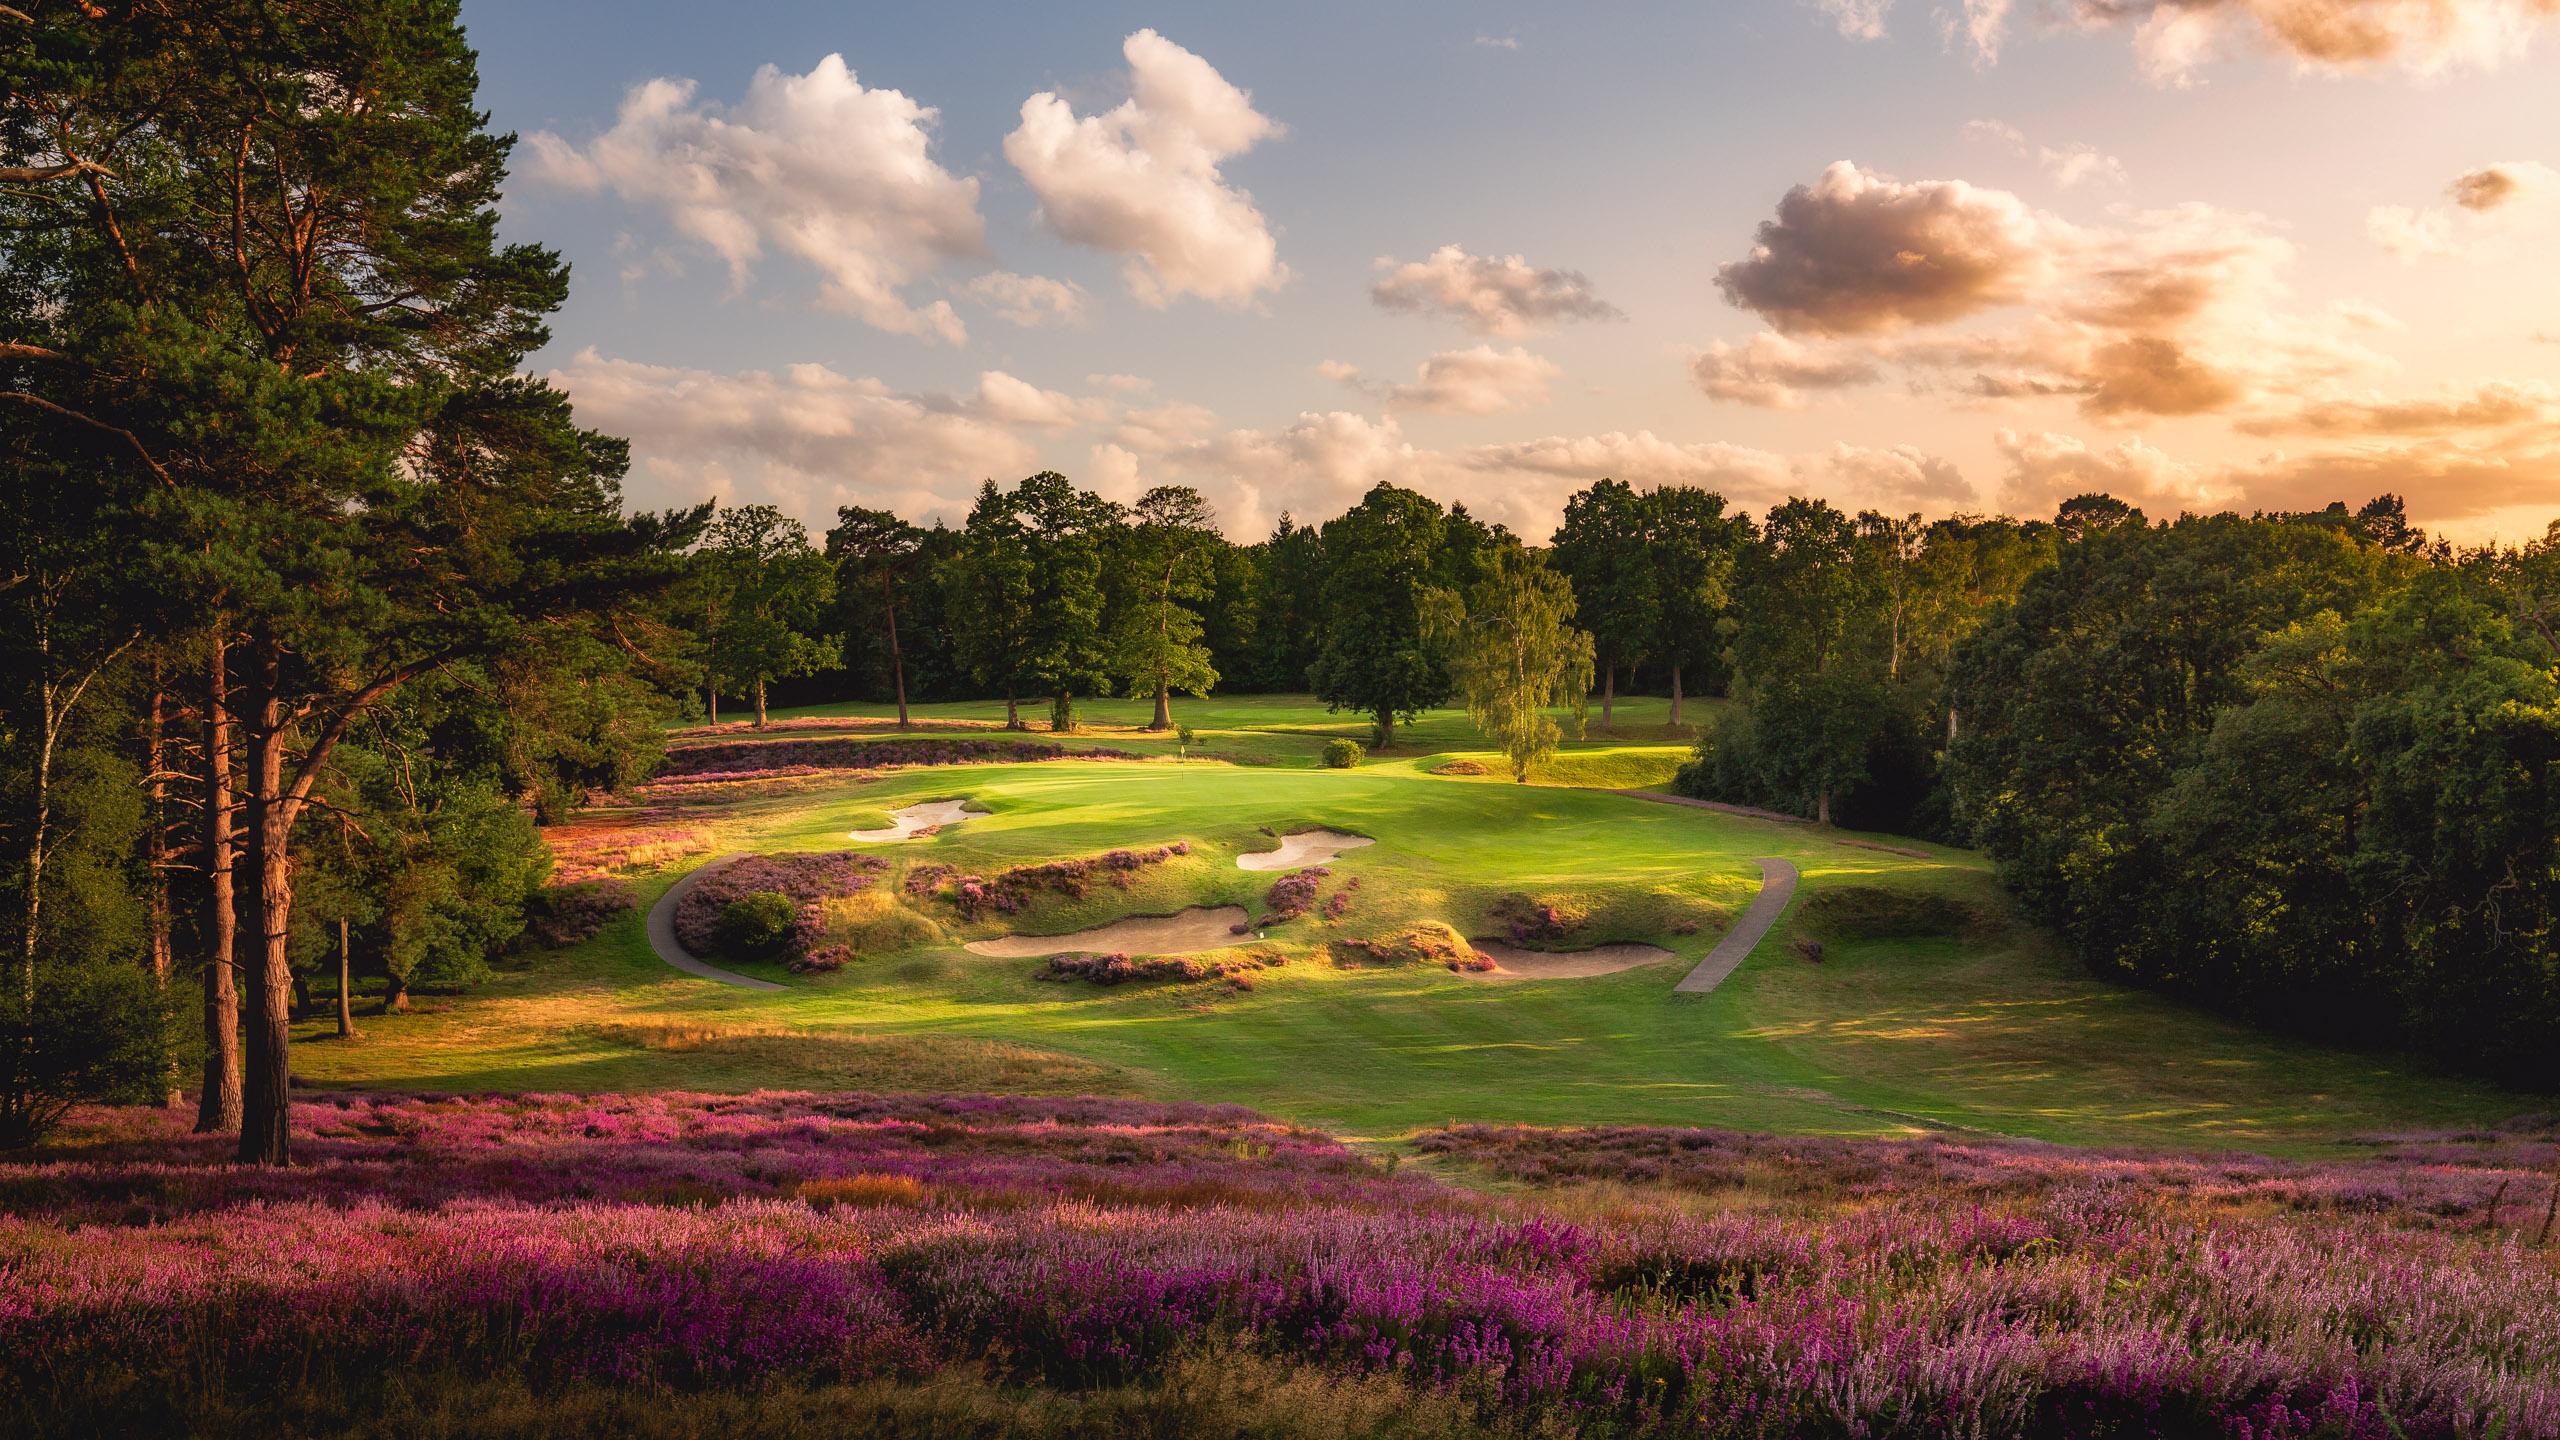 08th-Hole-St-Georges-Hill-Golf-Club-2381-Edit-4